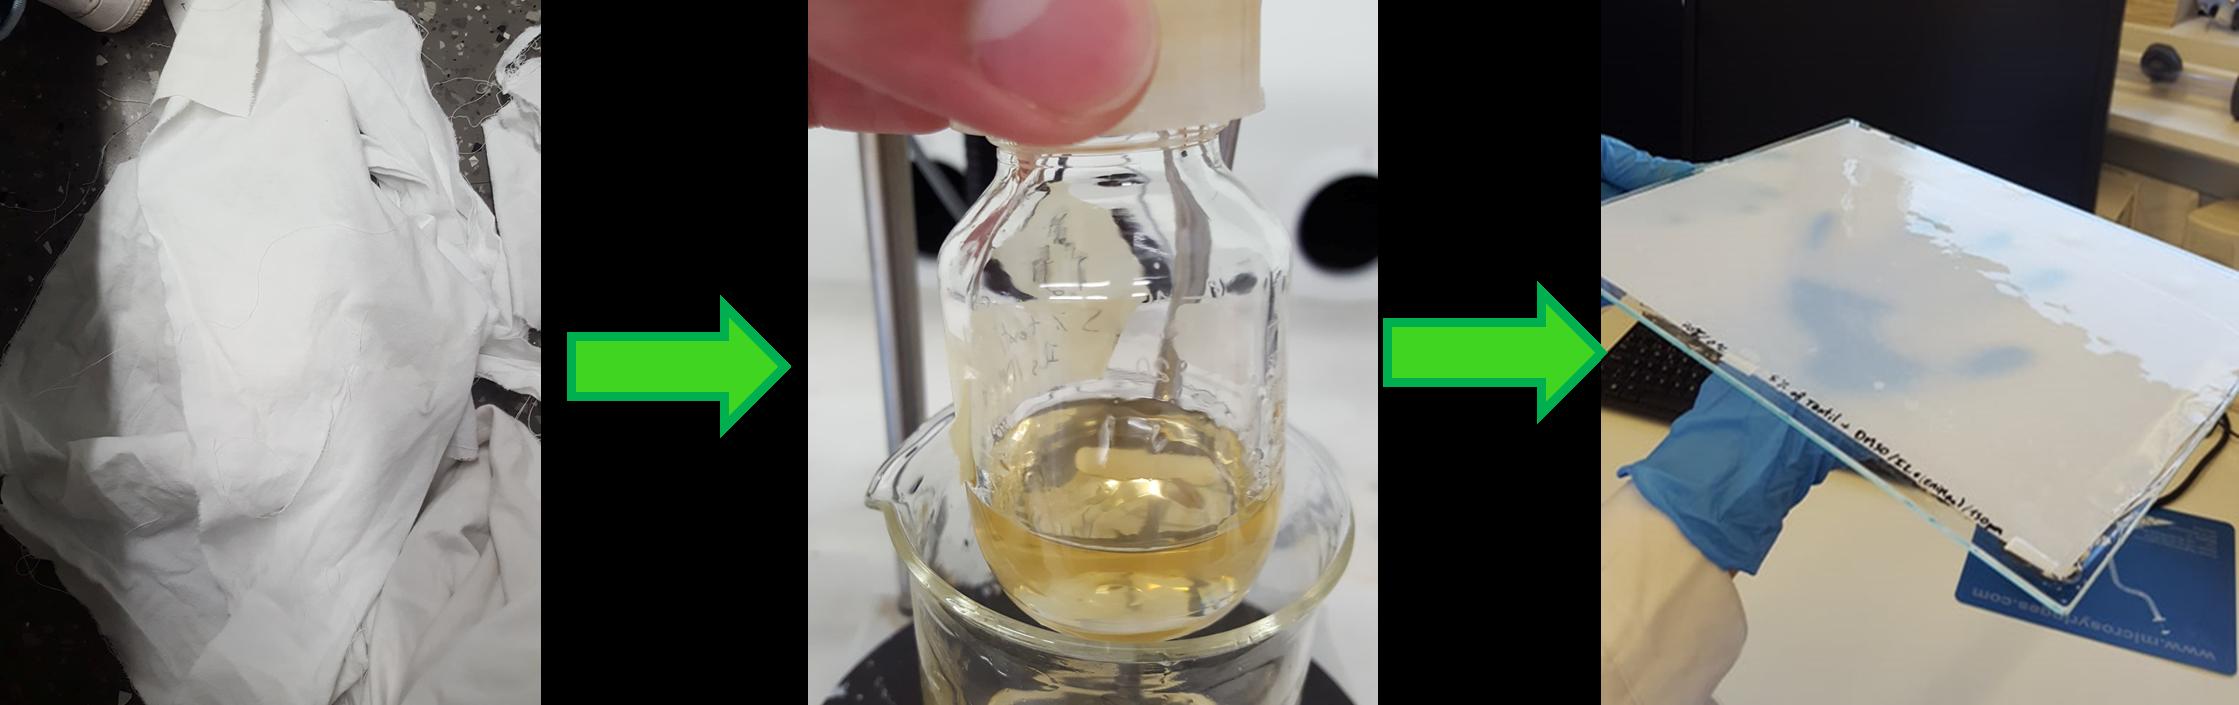 Ensimmäisessä kuvassa on valkoinen puuvillalakana. Toisessa kuvassa on ioninen neste läpinäkyvässä lasipurkissa. Kolmannessa kuvassa on valmis membraani.